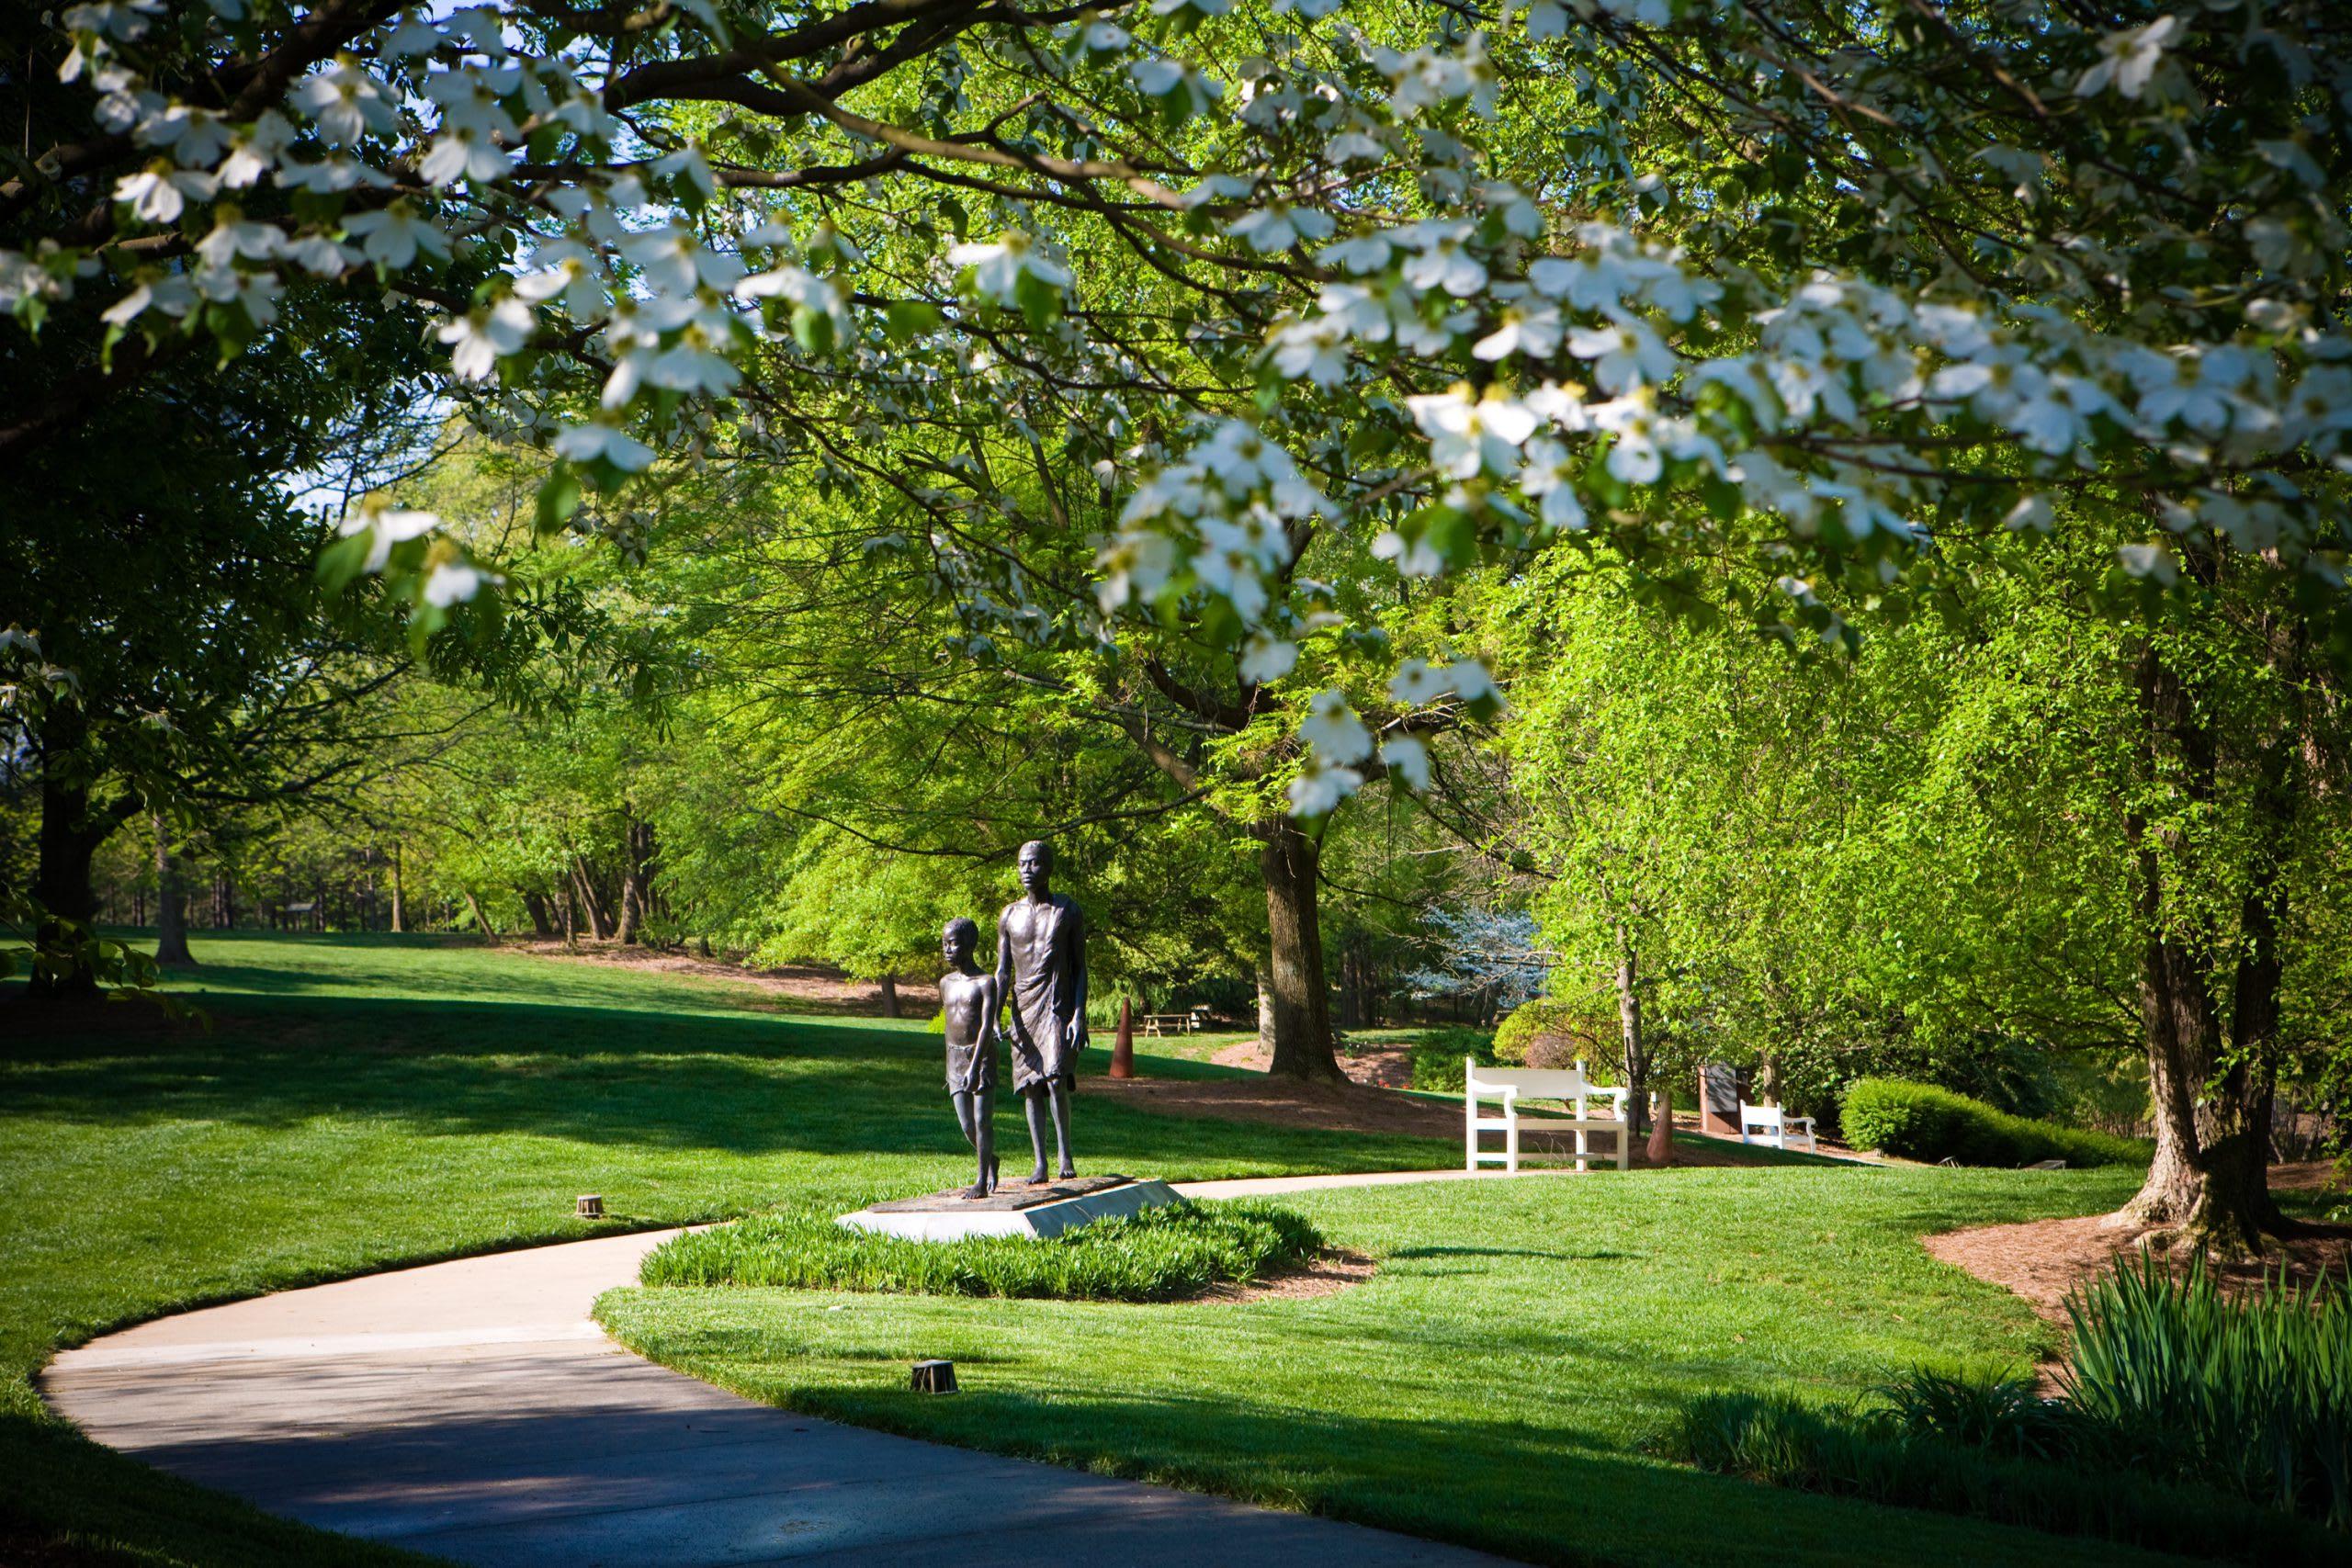 Carter Center Park